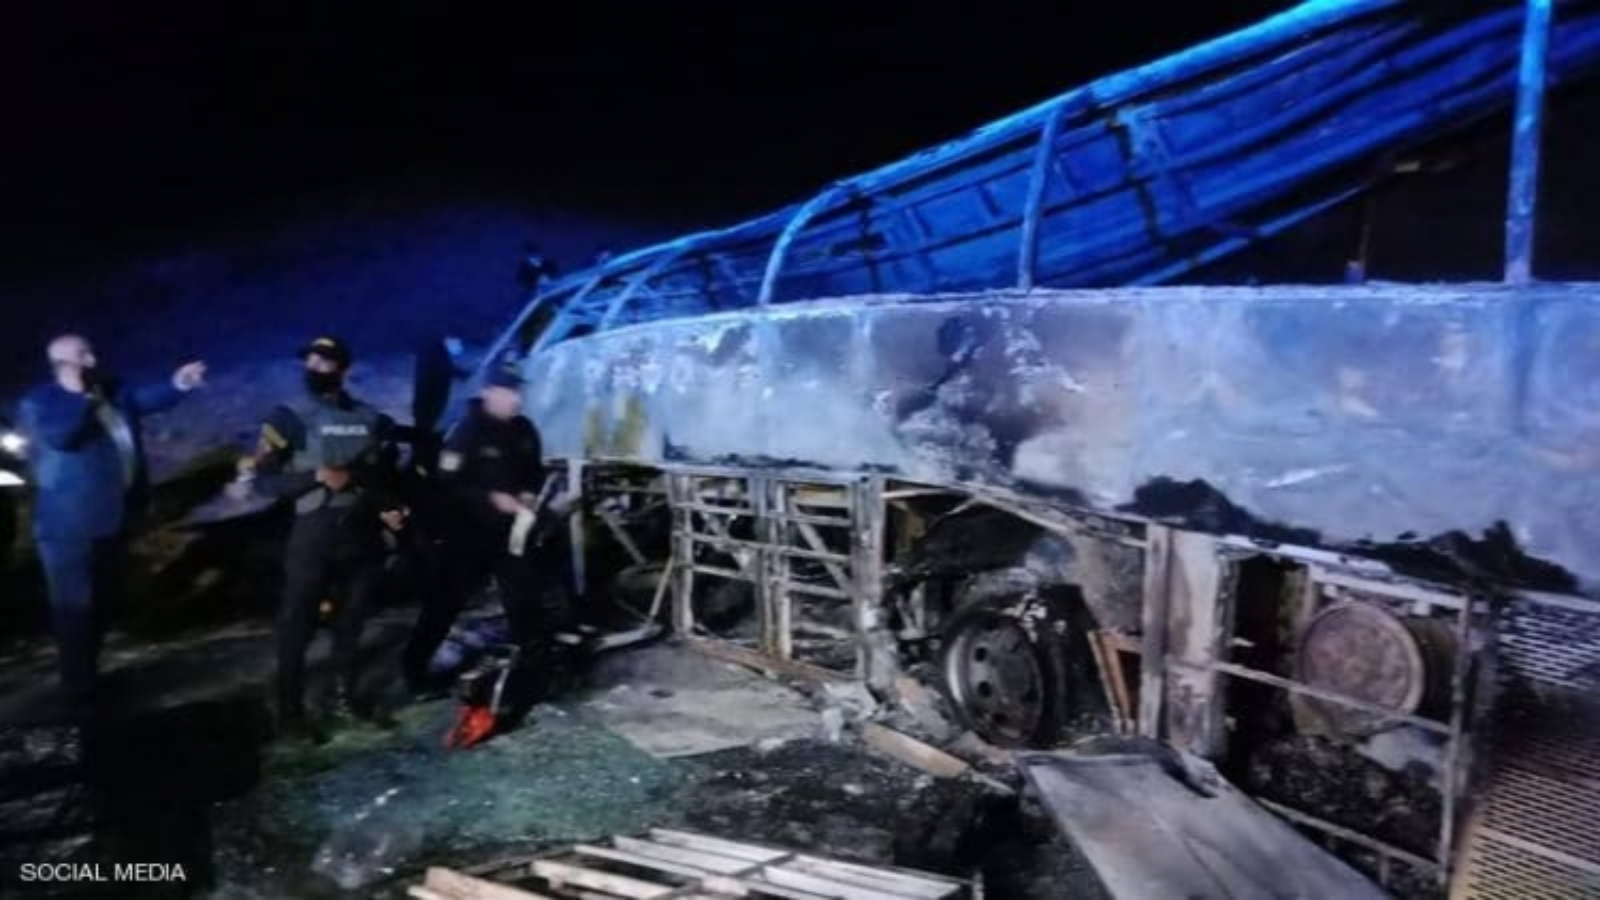 Tai nạn giao thông nghiêm trọng ở Ai Cập, hơn 20 người thương vong